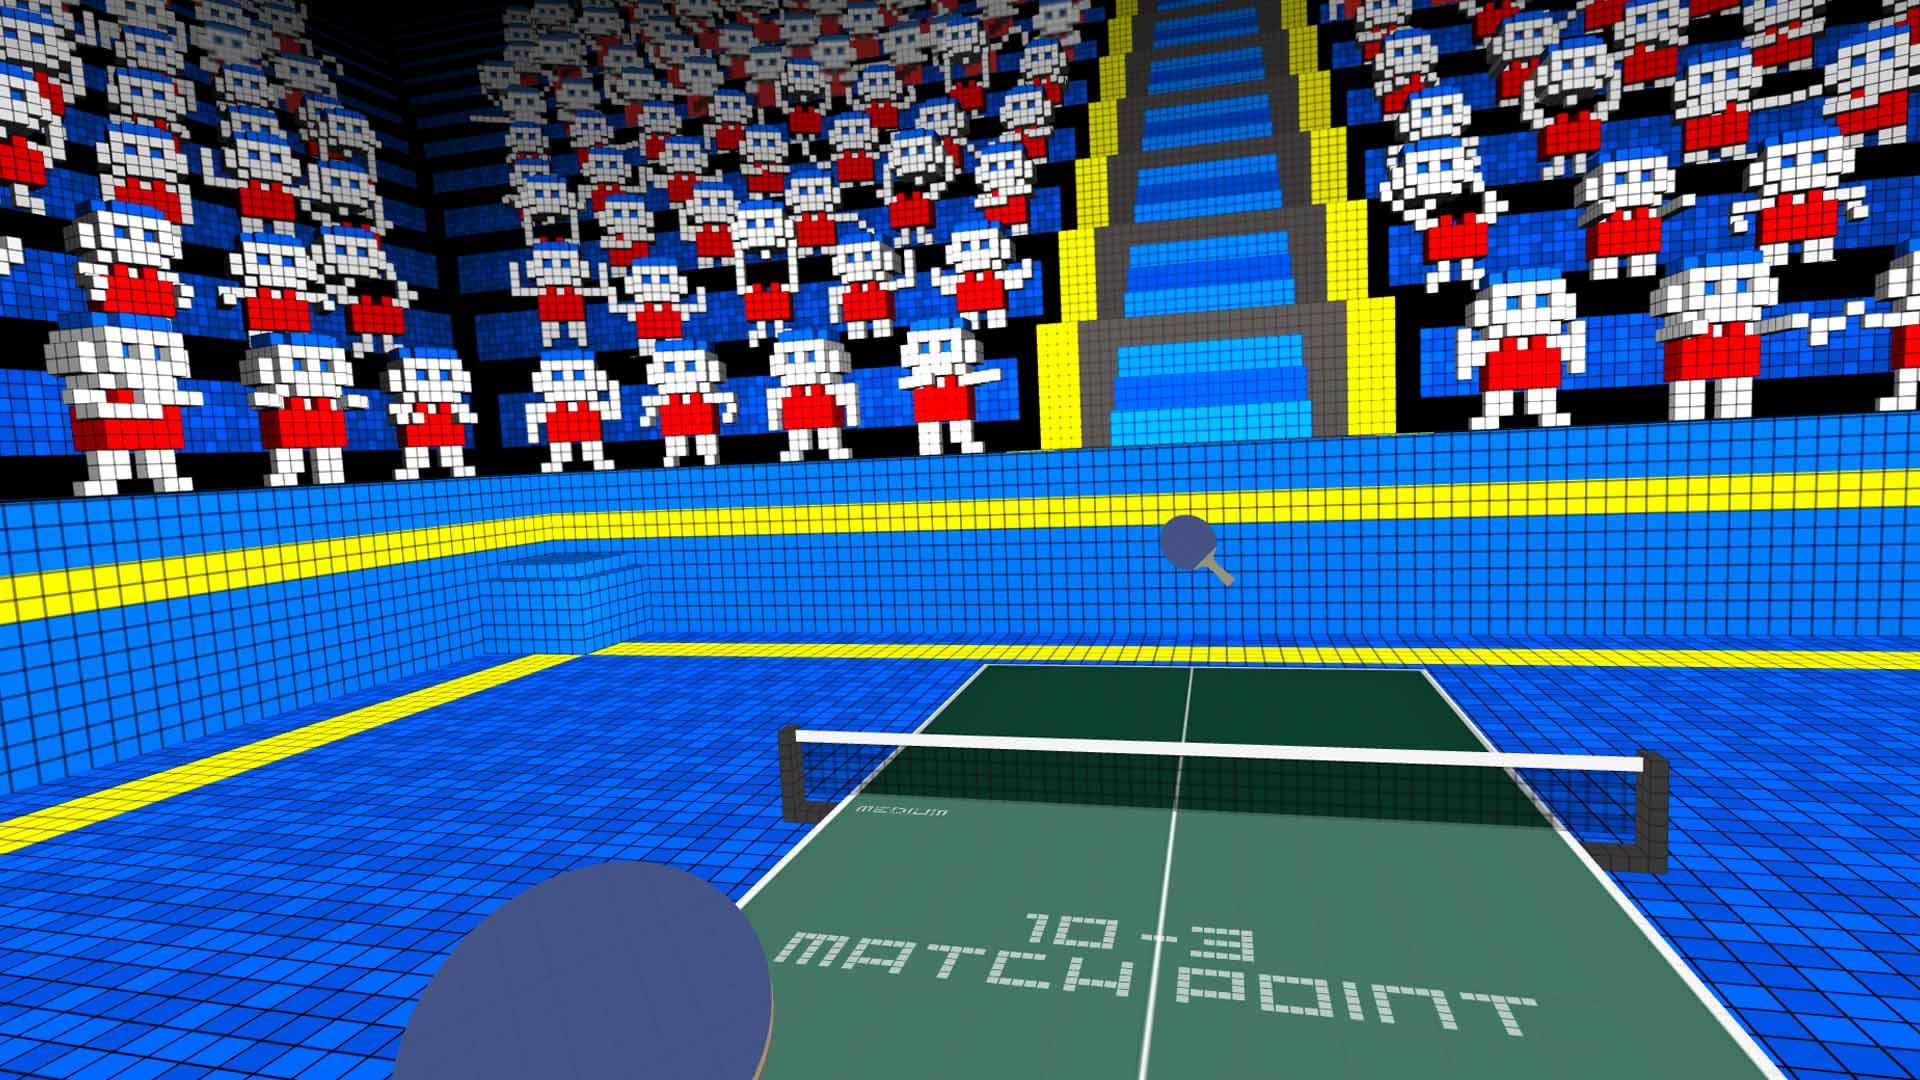 102 ping pong